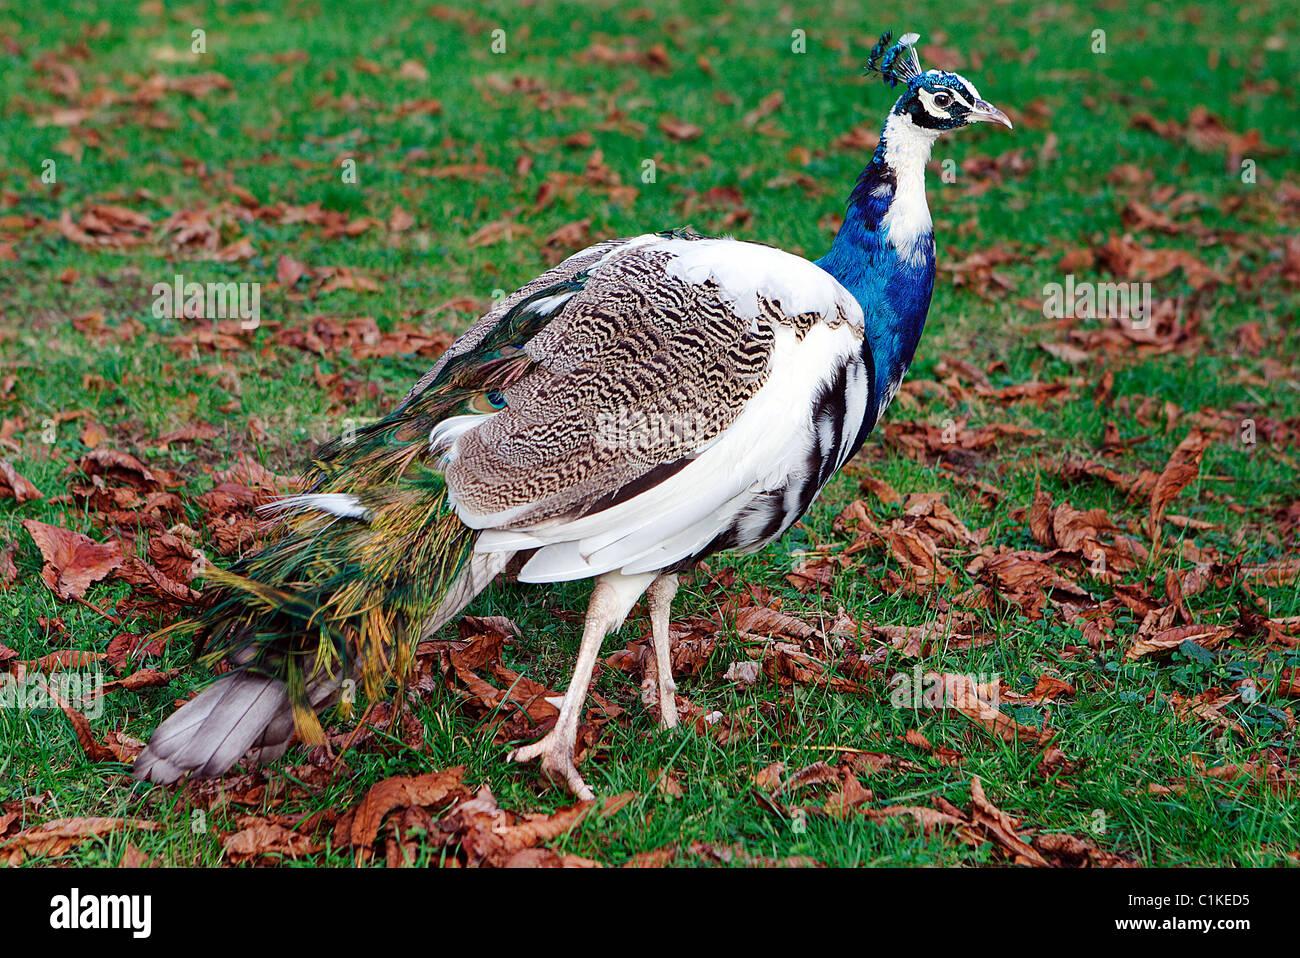 France, Paris, Park of Bagatelle, a peacock - Stock Image